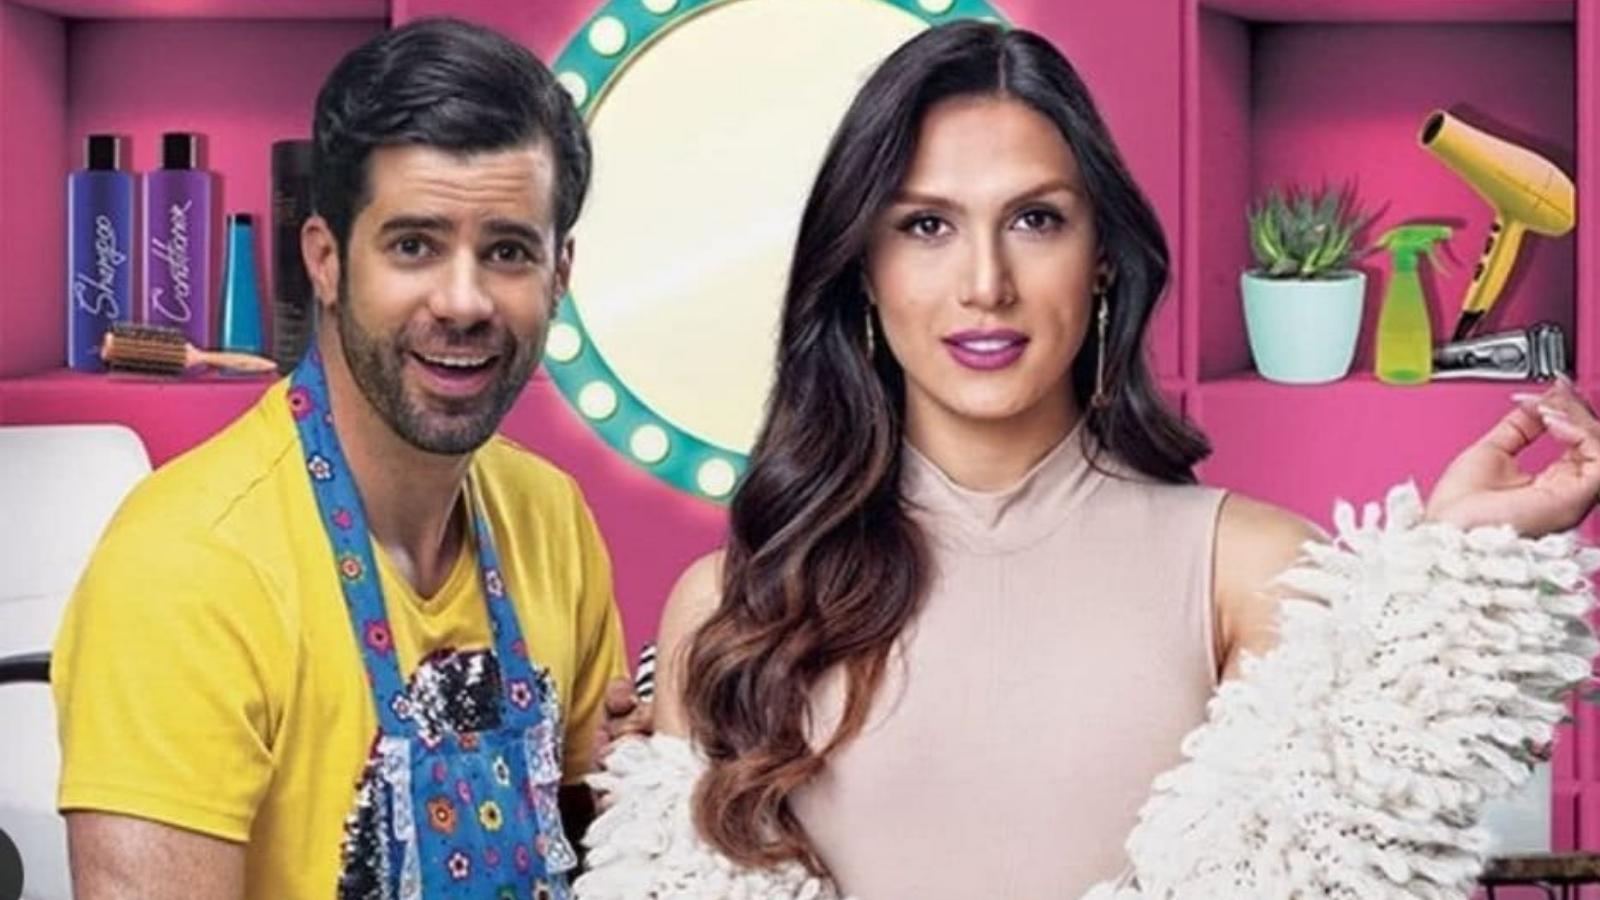 Isabella Santiago, la trans venezolana que marca un hito en las telenovelas